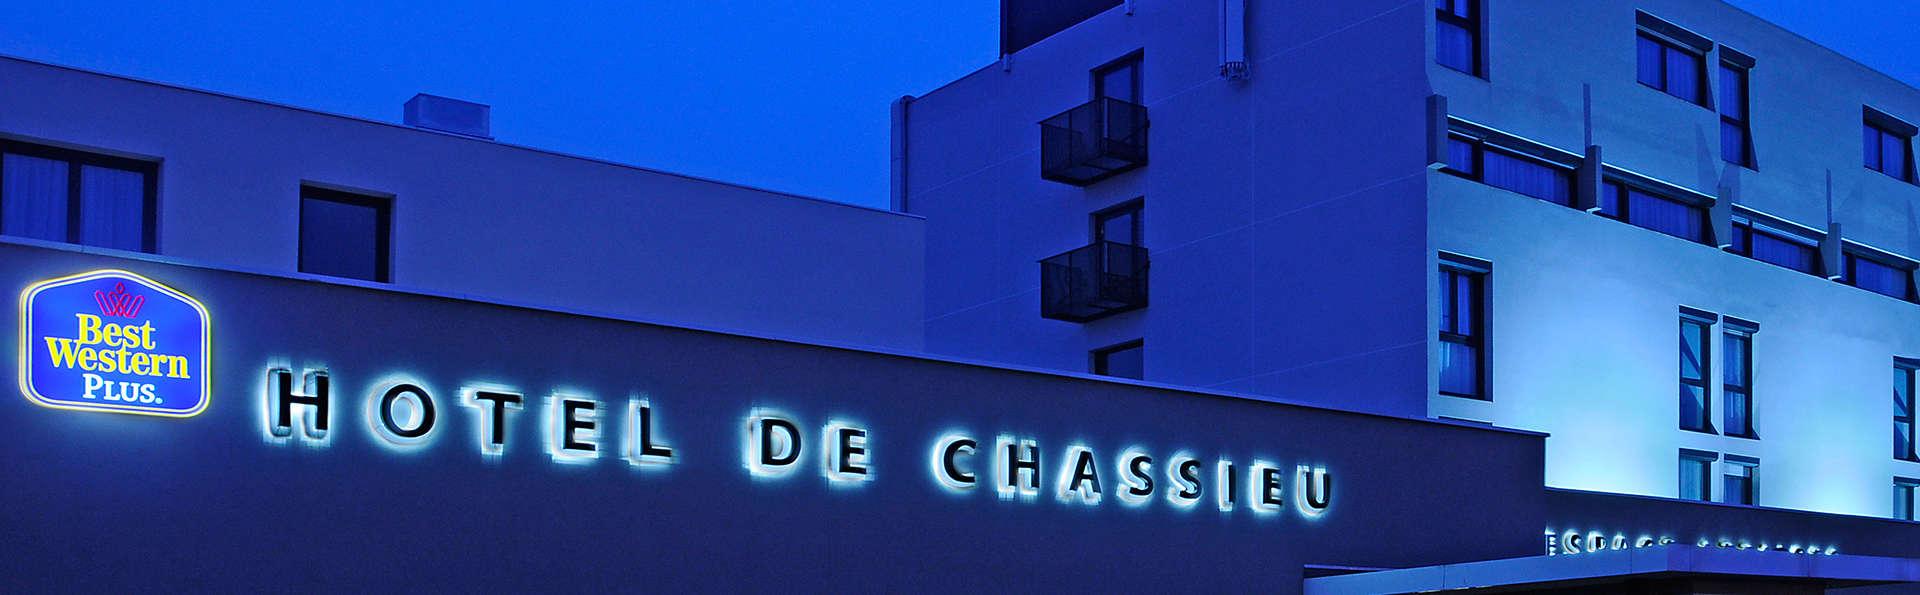 Best Western Plus - Hôtel de Chassieu - EDIT_front.jpg